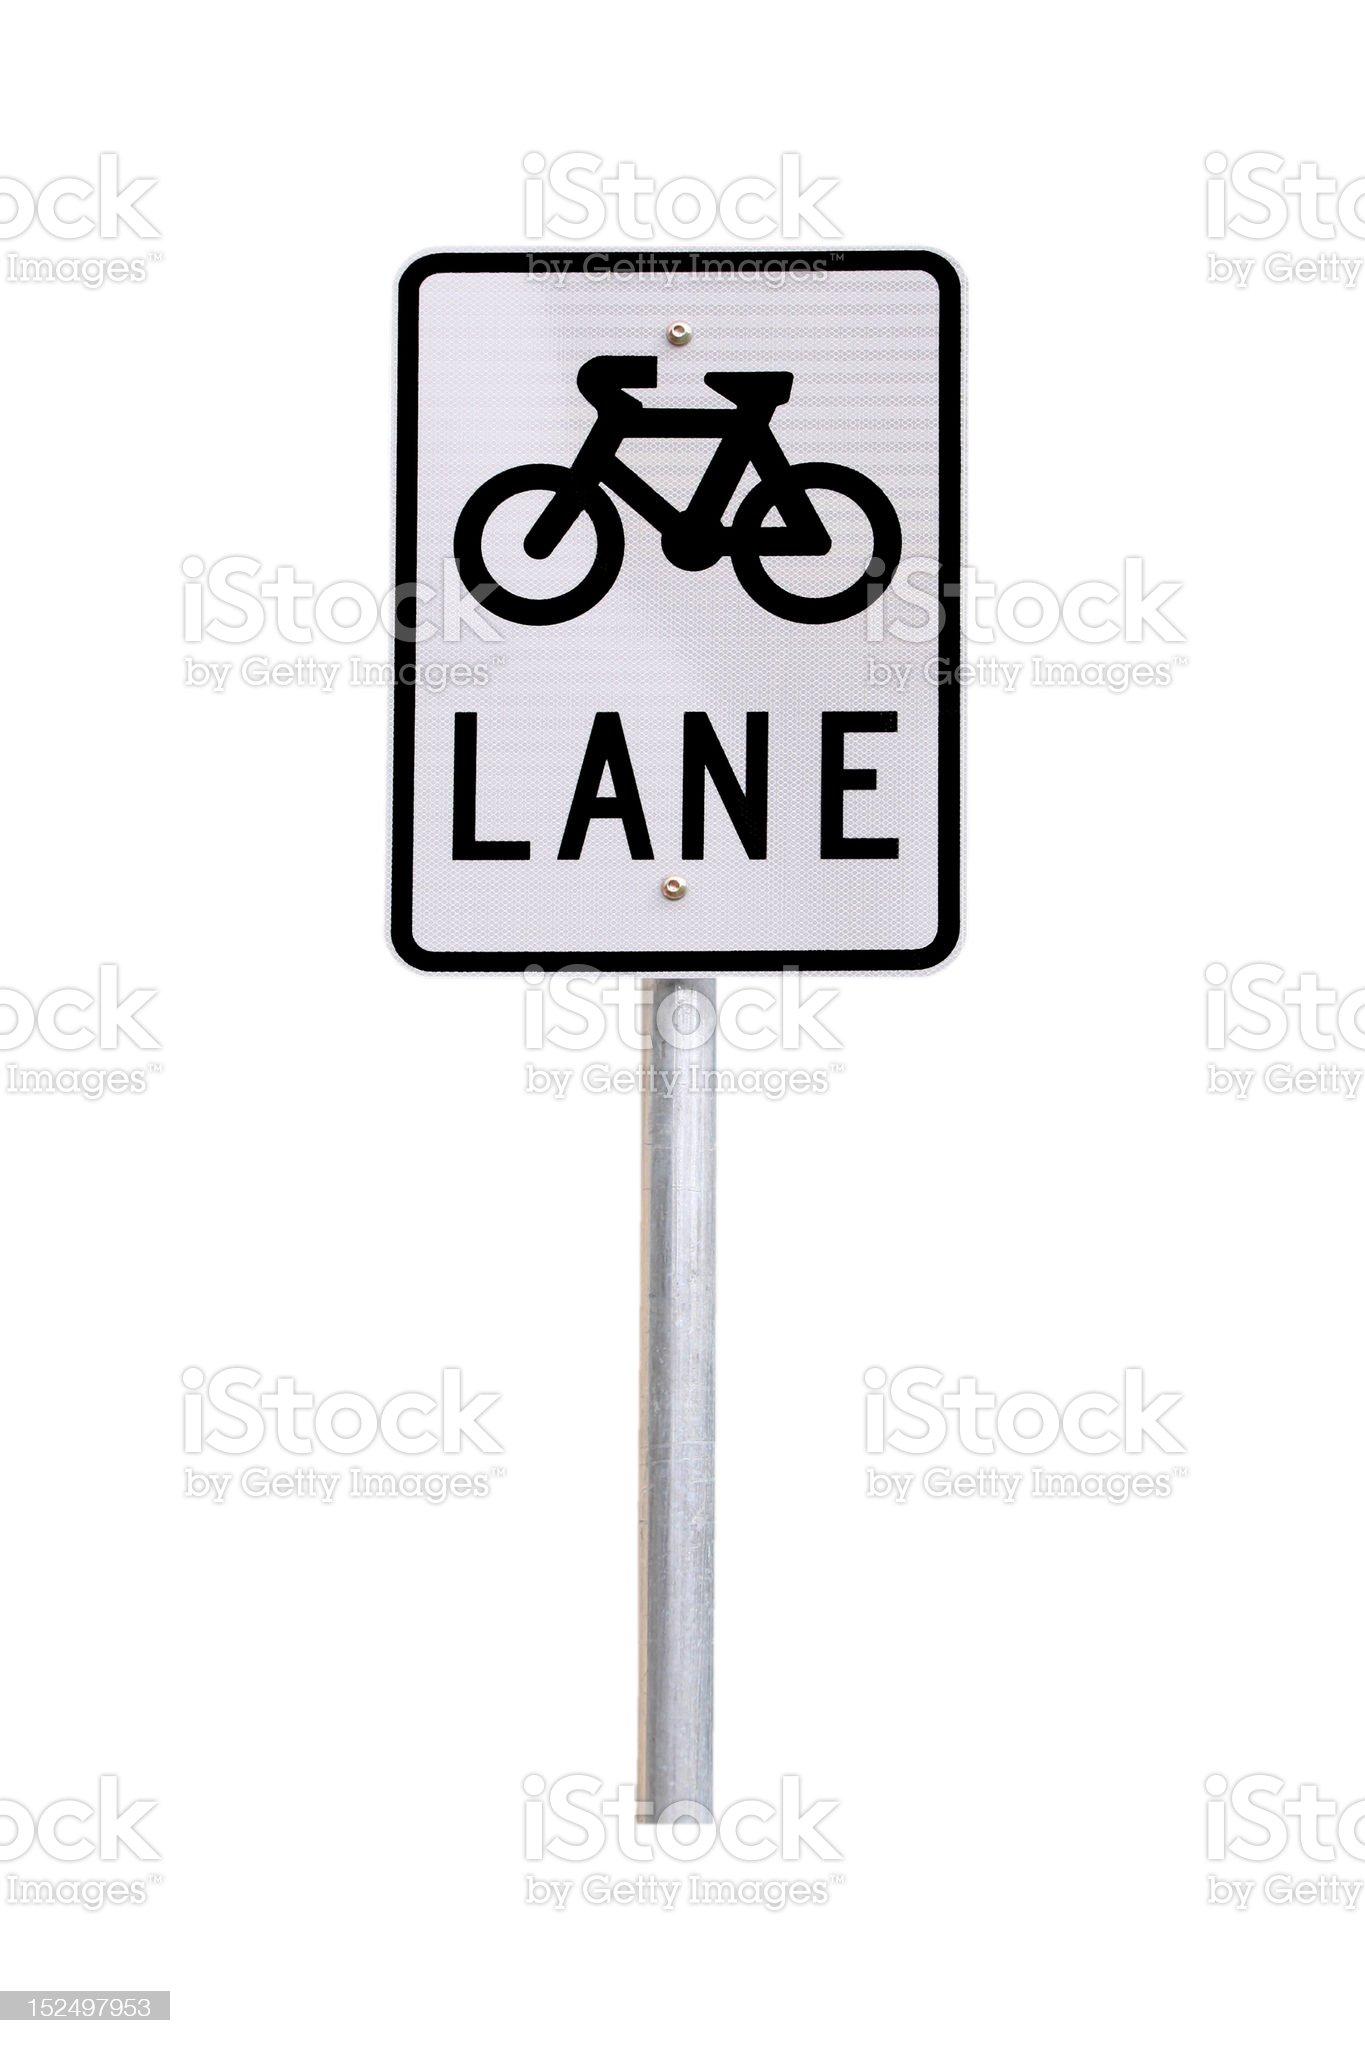 Bicycle Lane Traffic Sign - Australian royalty-free stock photo